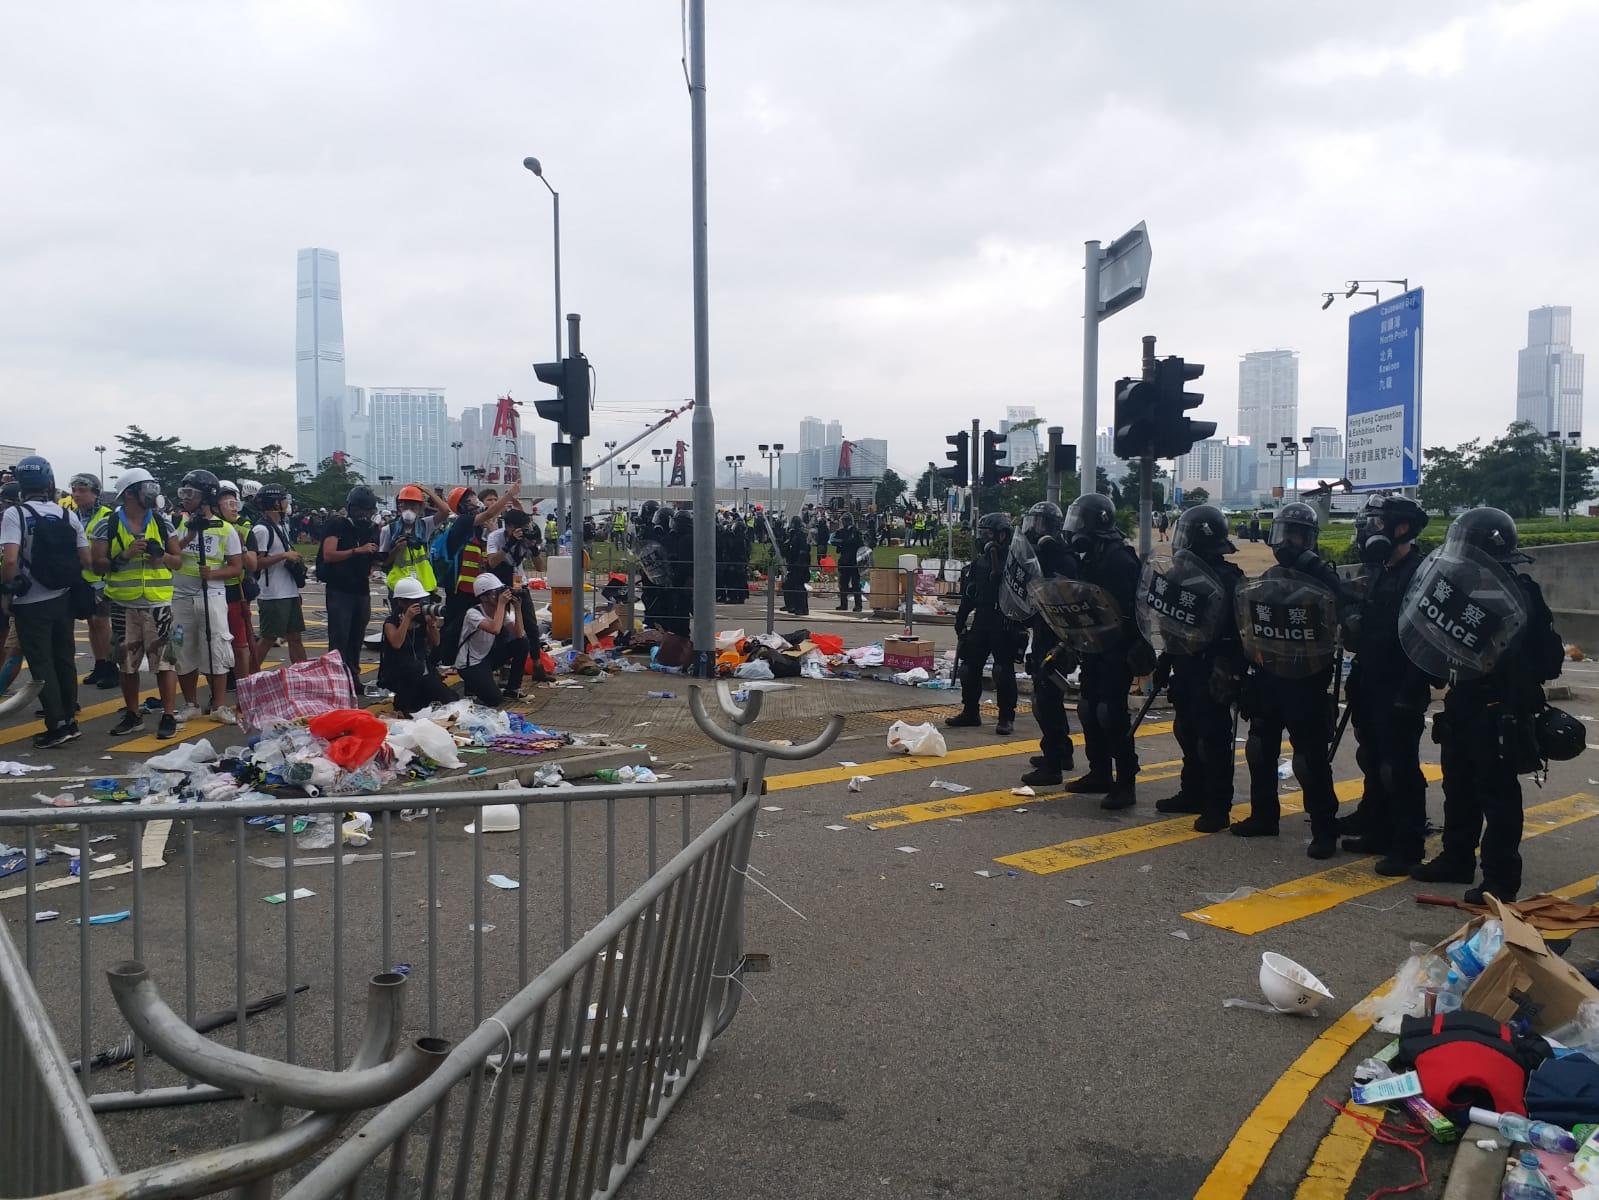 警方警告示威者停止暴力行為,否則會以適當武力制止。